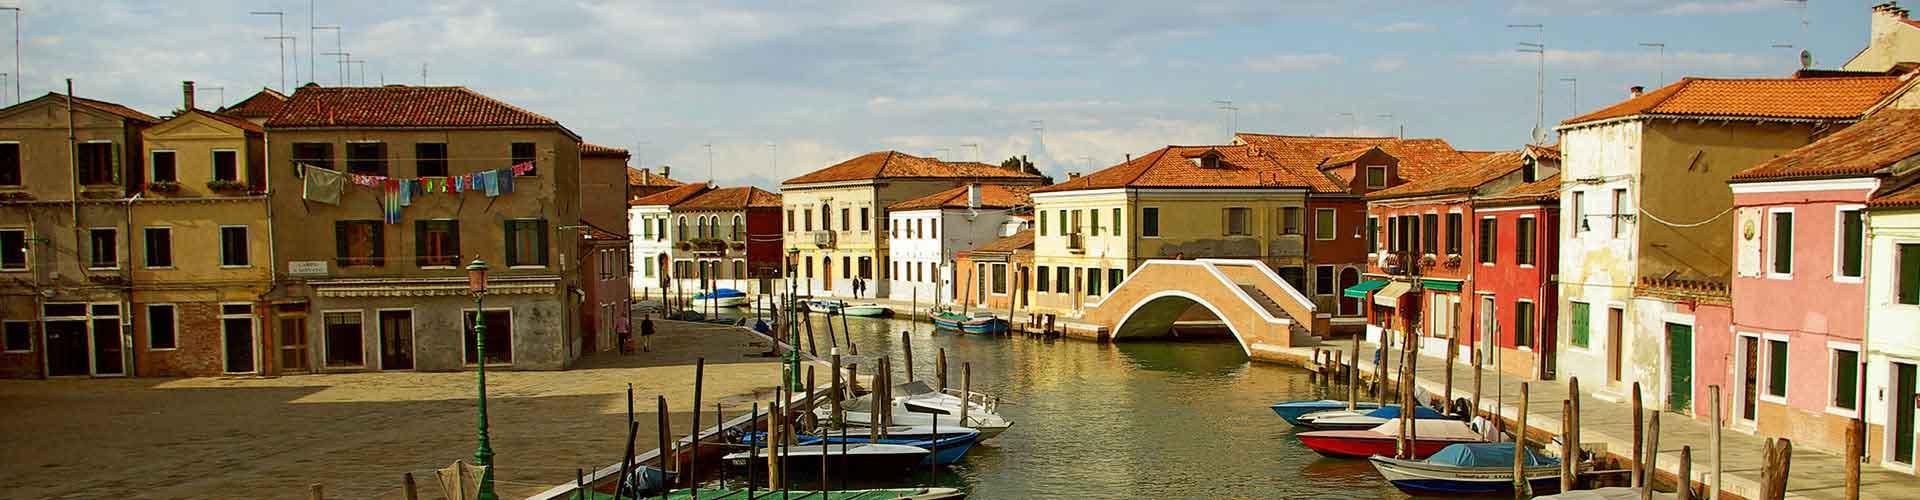 Venecia Mestre - Albergues Juveniles cerca a Aeropuerto Marco Polo. Mapas de Venecia Mestre, Fotos y Comentarios para cada Albergue Juvenil en Venecia Mestre.